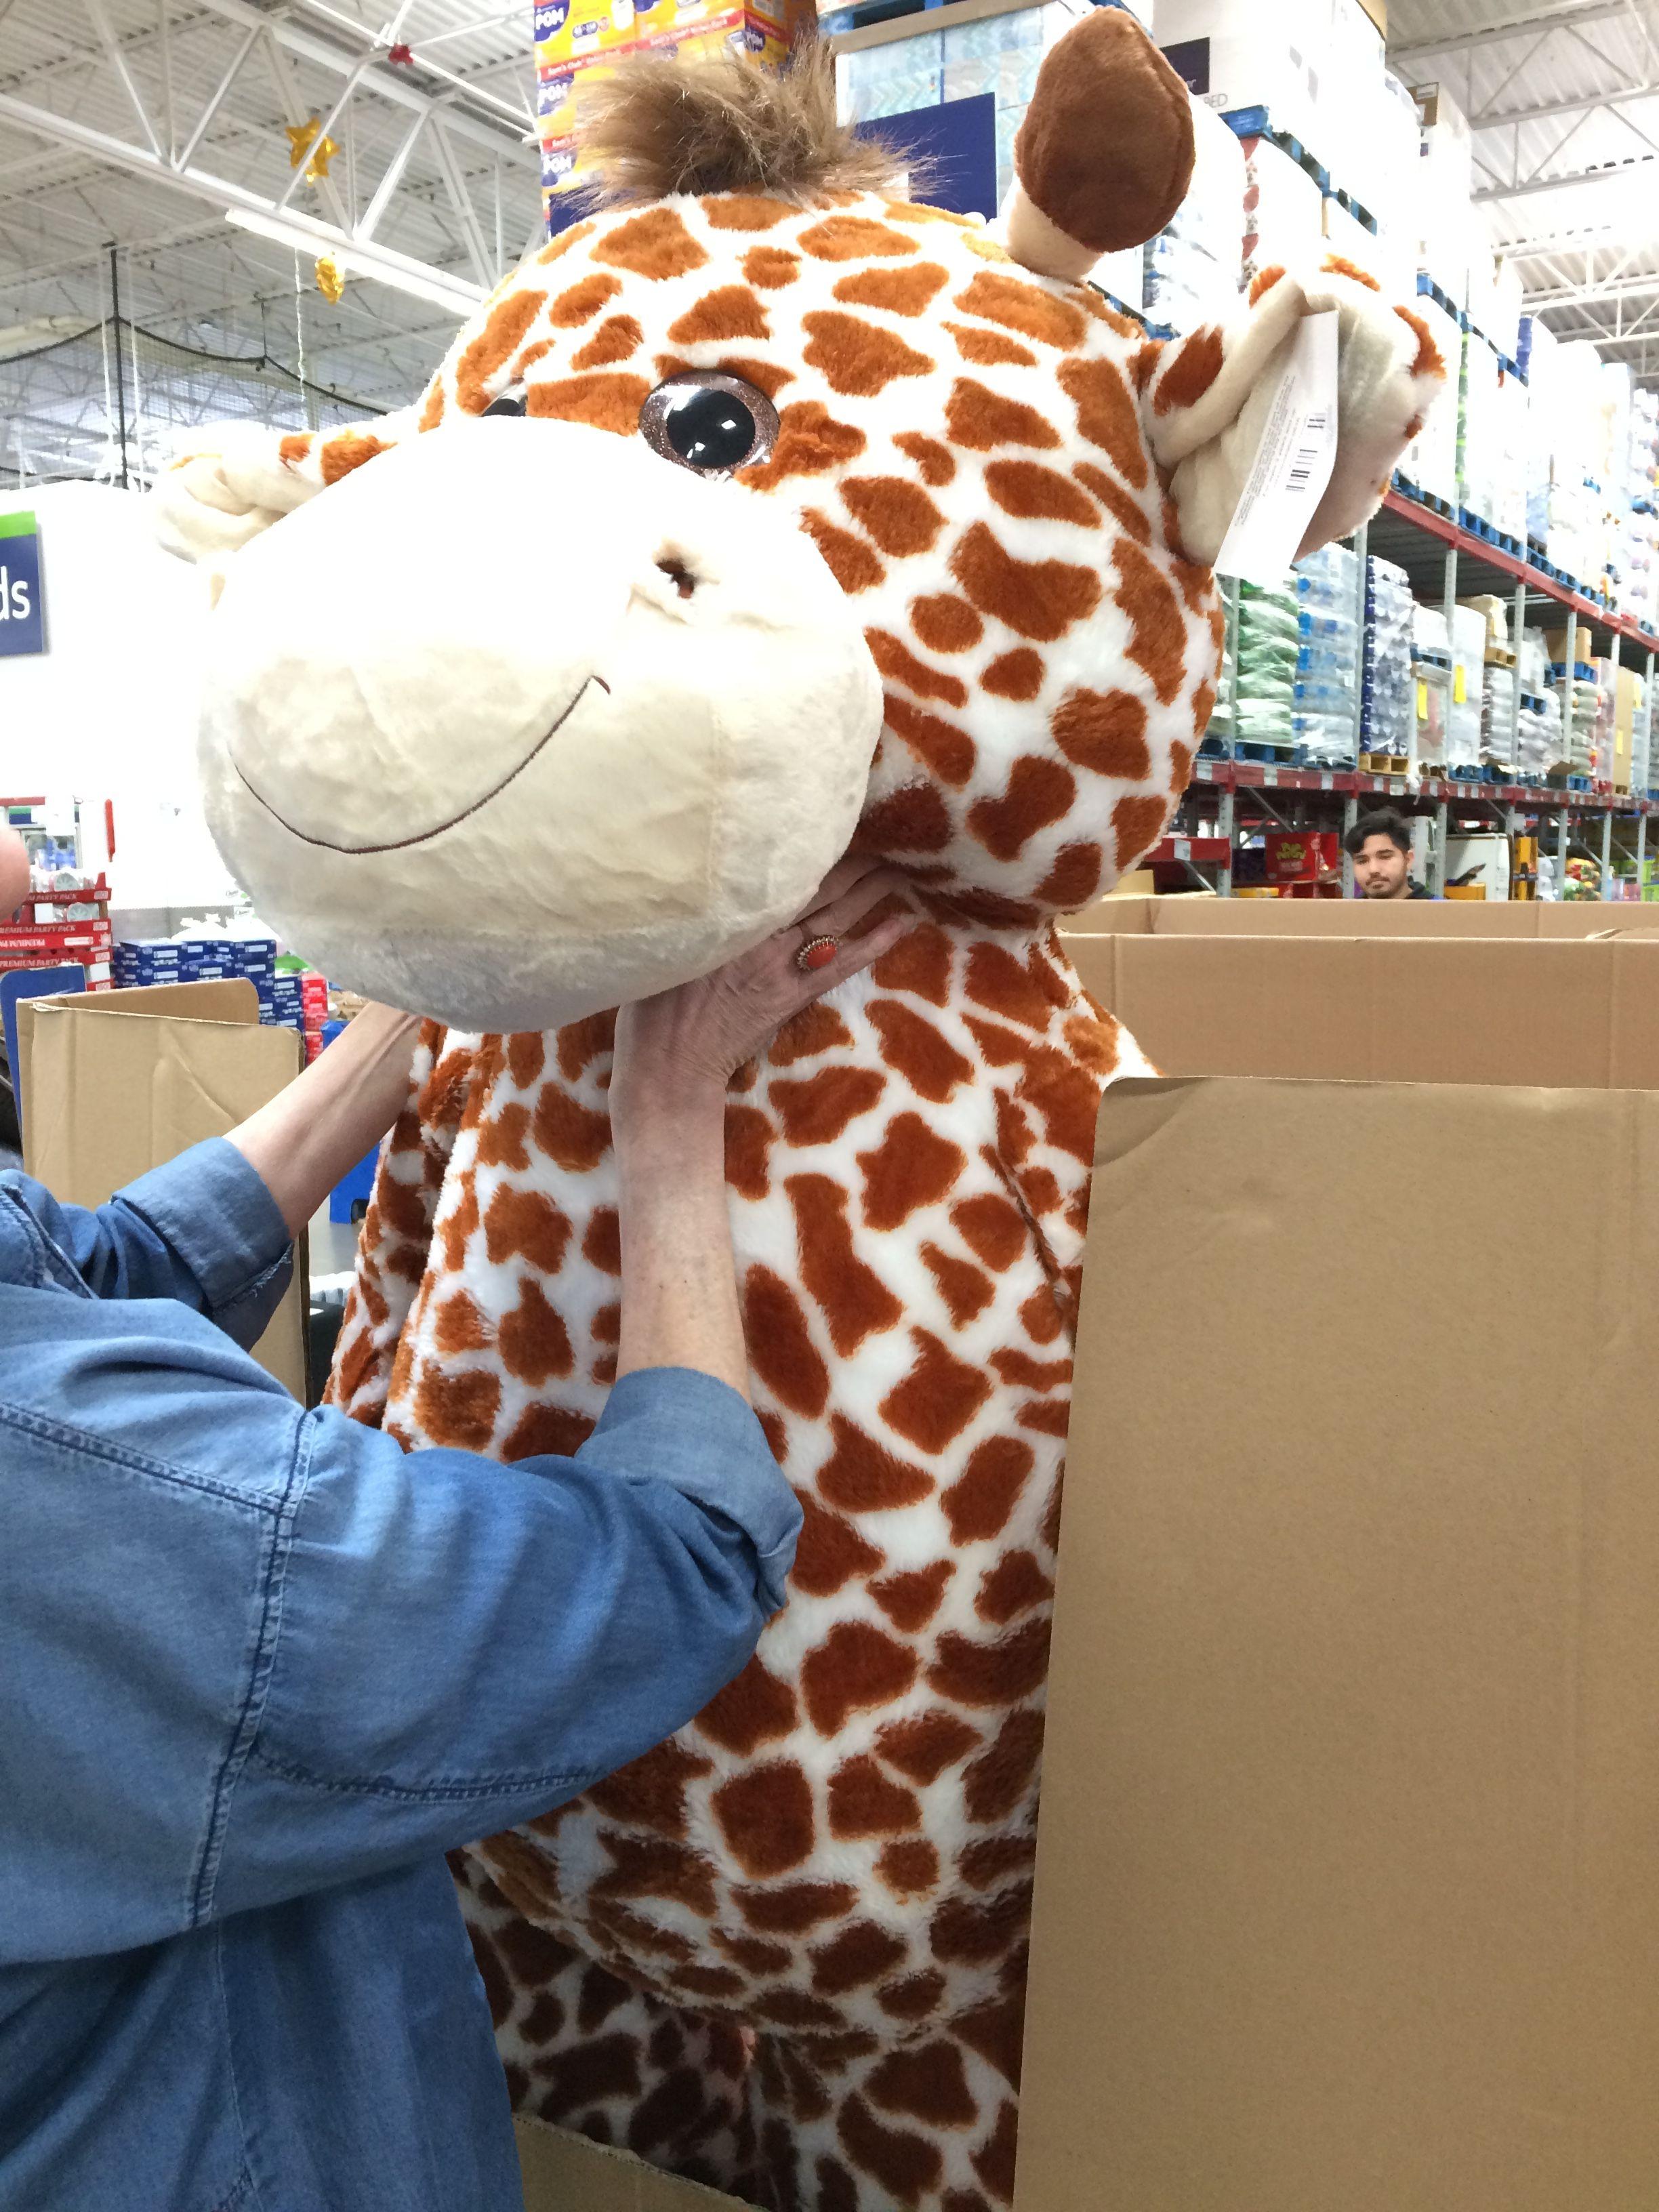 Giant Stuffed Giraffe Giant Stuffed Giraffe Giraffe Cute [ 3264 x 2448 Pixel ]